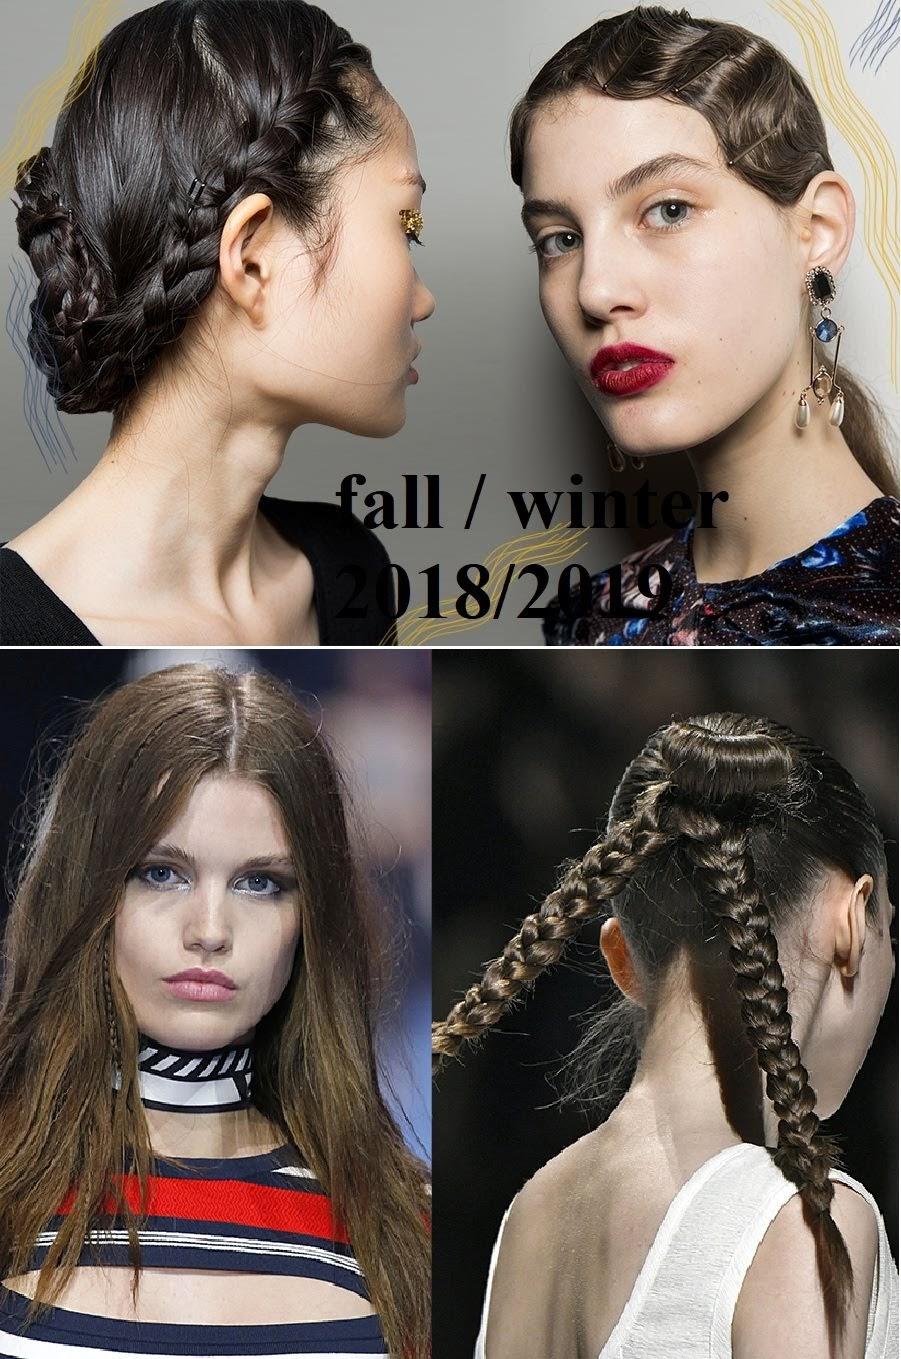 Μόδα μαλλιών για το Φθινόπωρο-Χειμώνα 2018 - 2019! 258018b4cfb